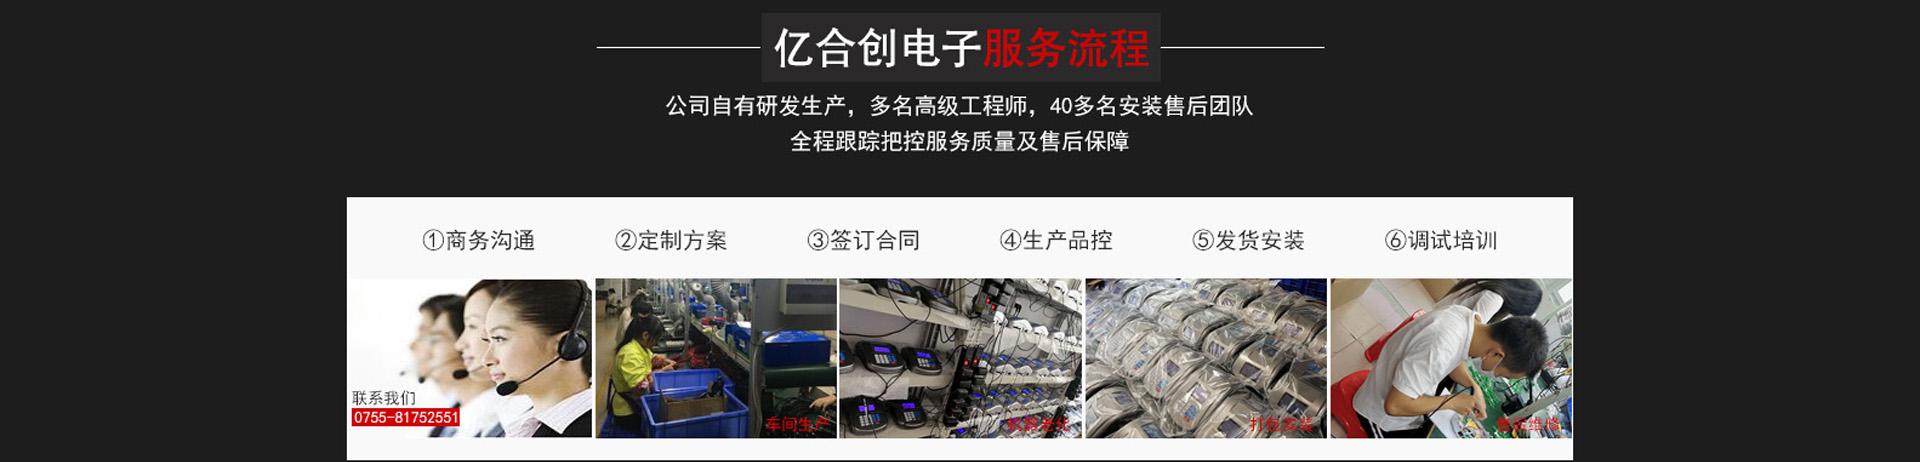 深圳消费机,一卡通售饭机厂家